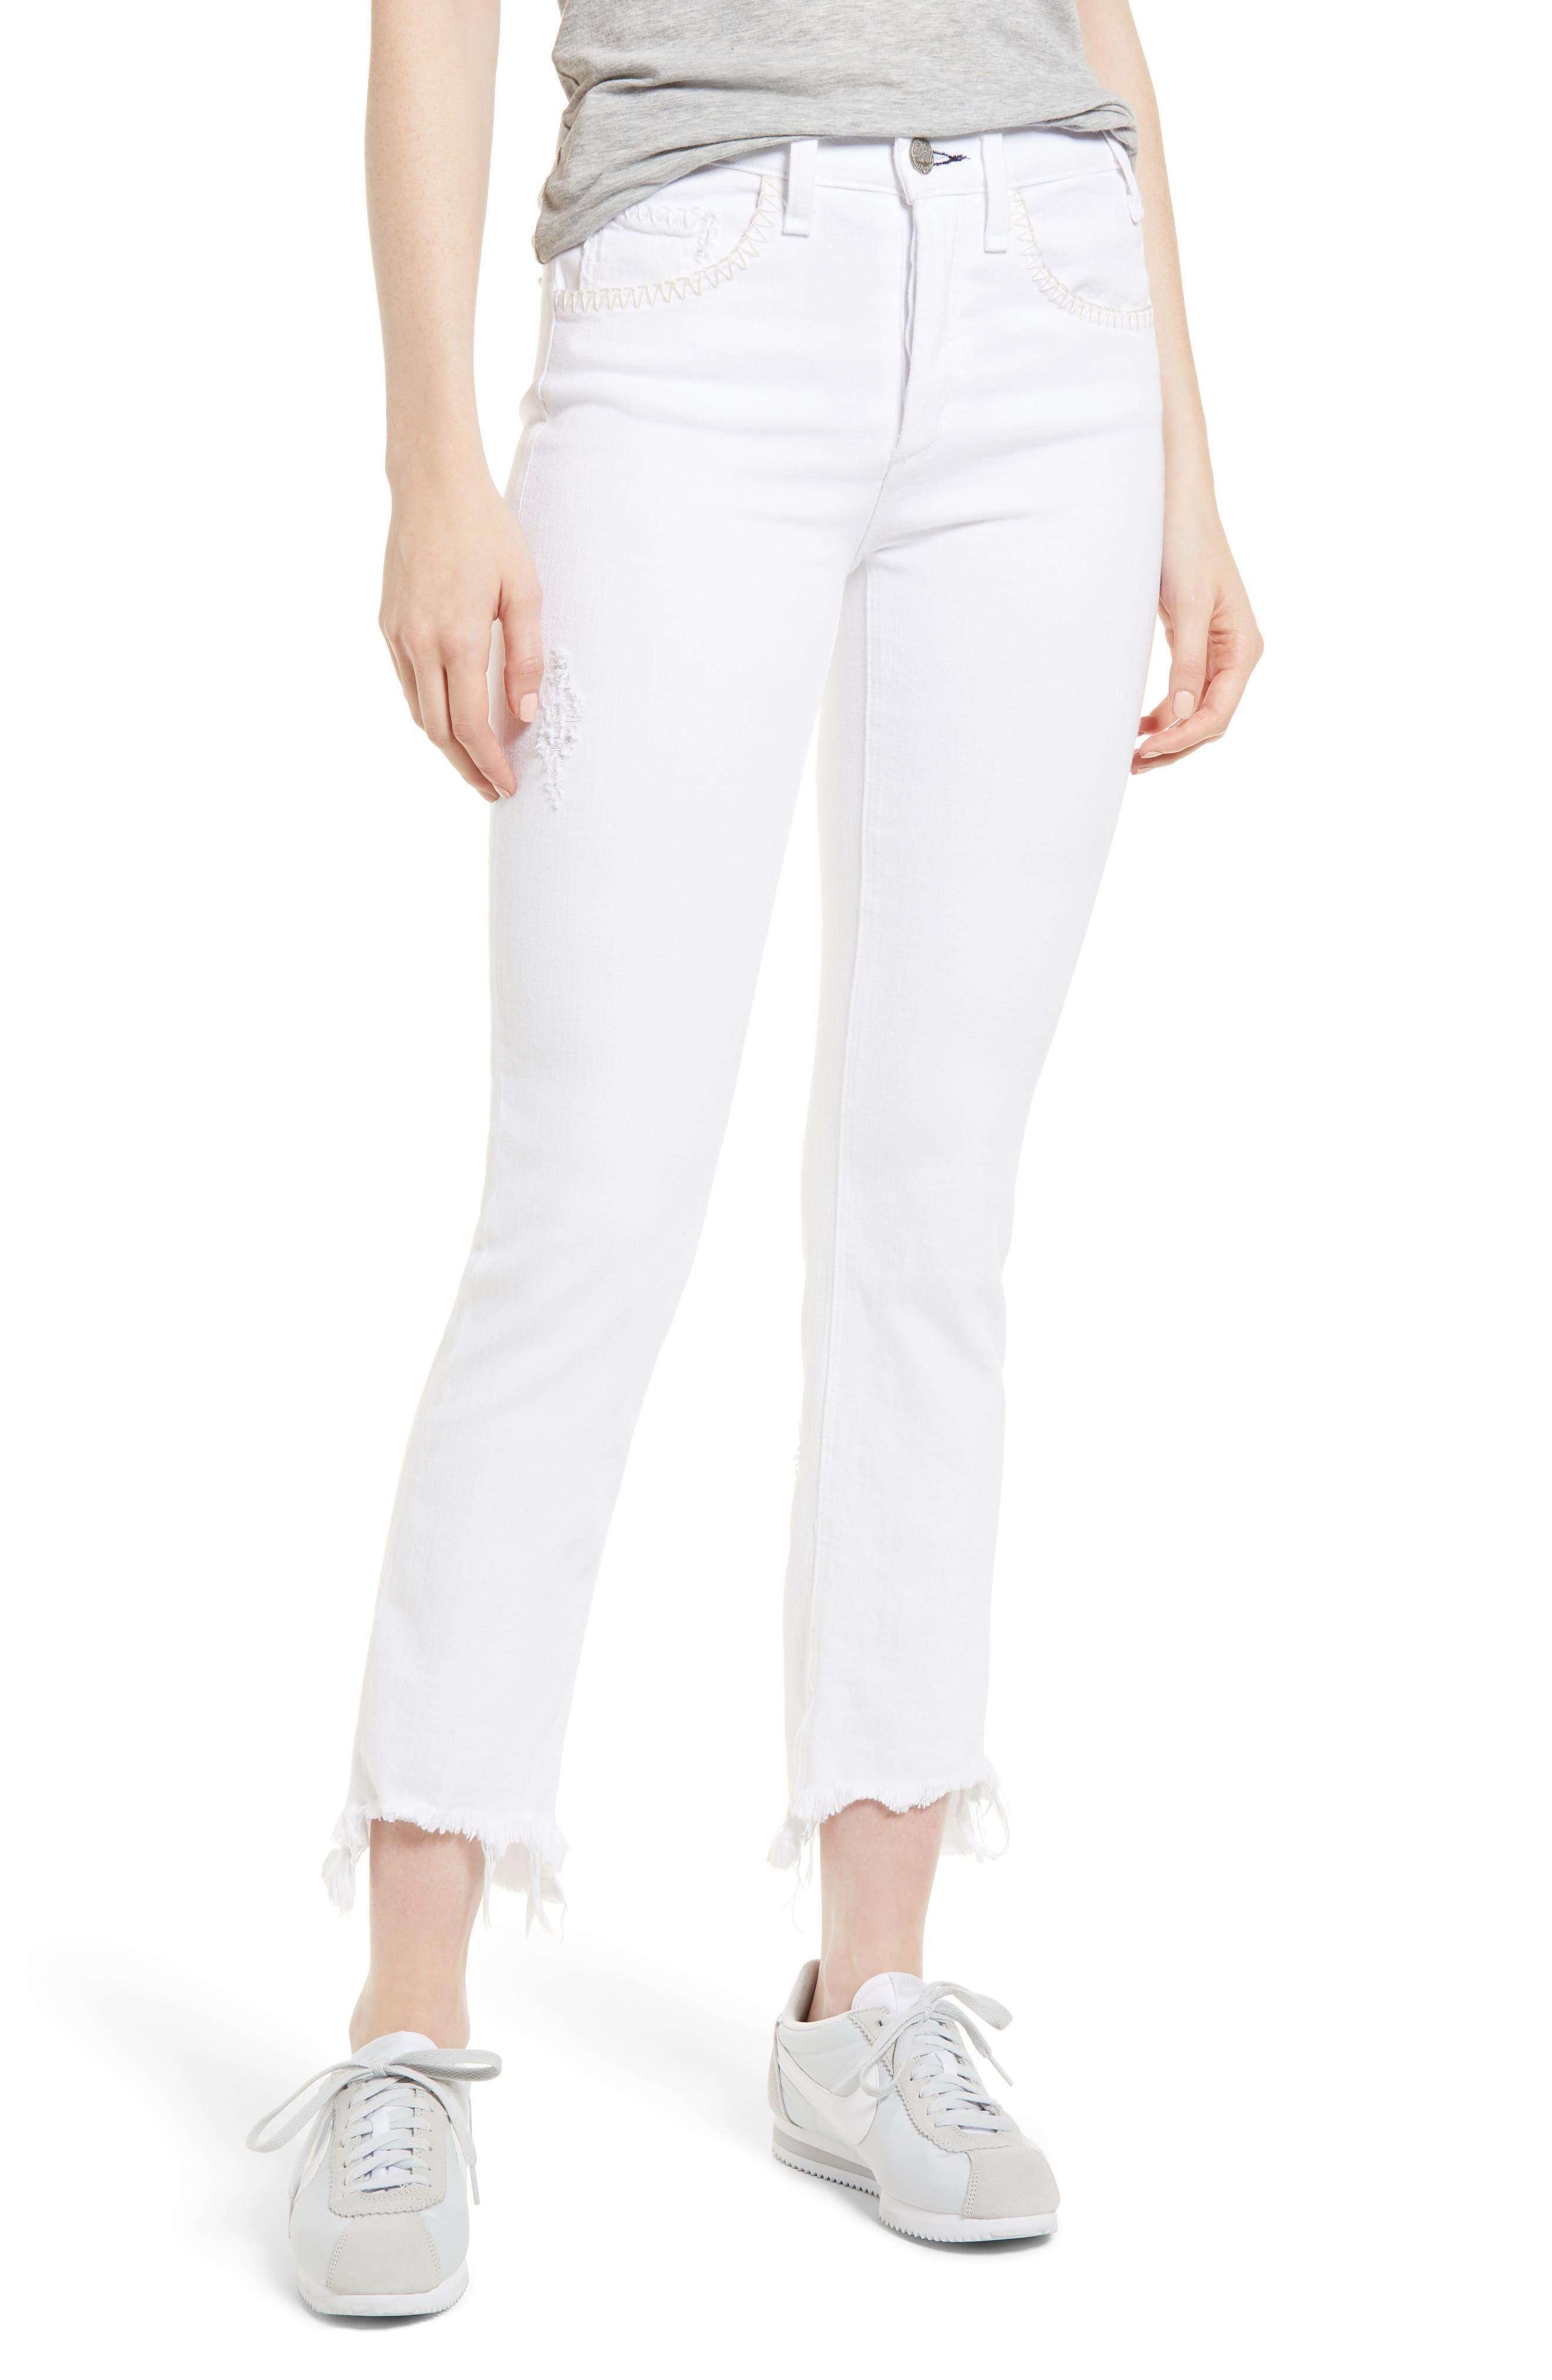 Valetta Step Hem Straight Leg Jeans,                         Main,                         color, SIDARI